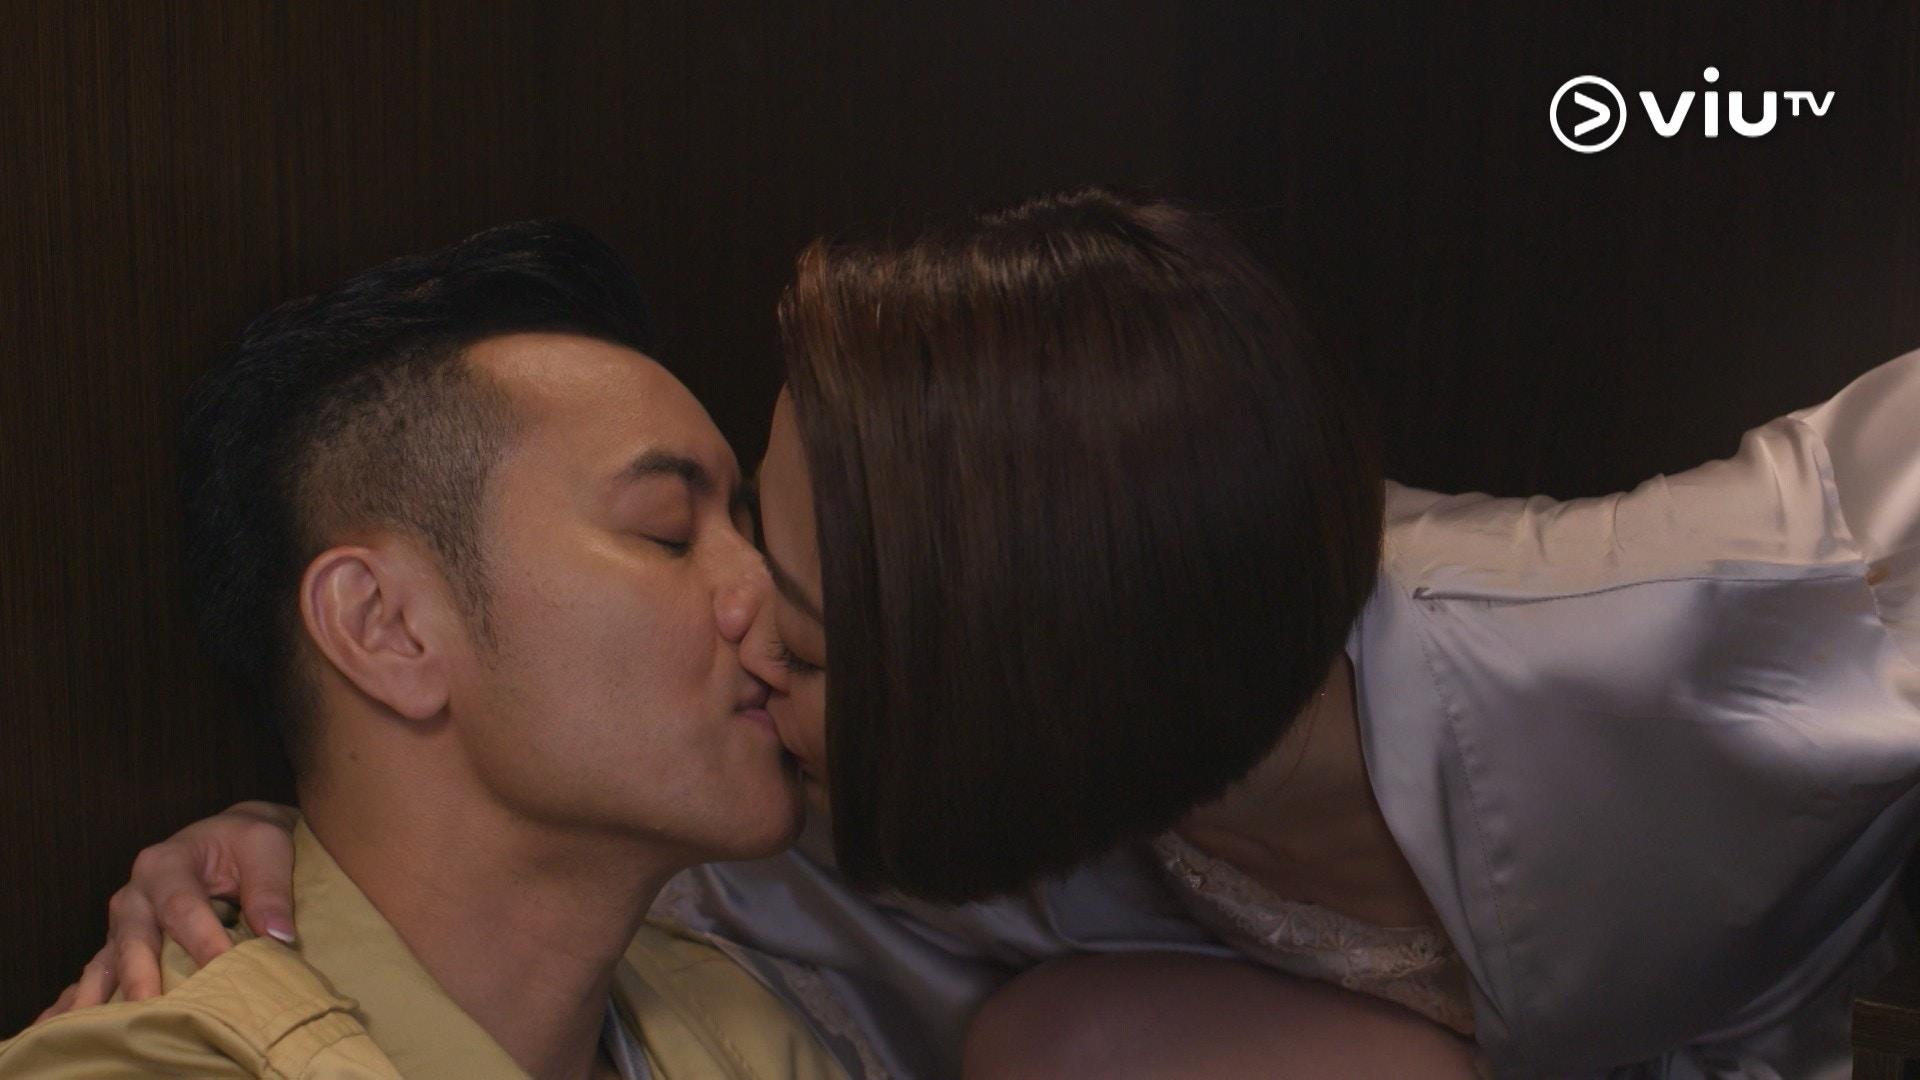 梁漢文在戲中因與太太沒性關係,毅然向外求。